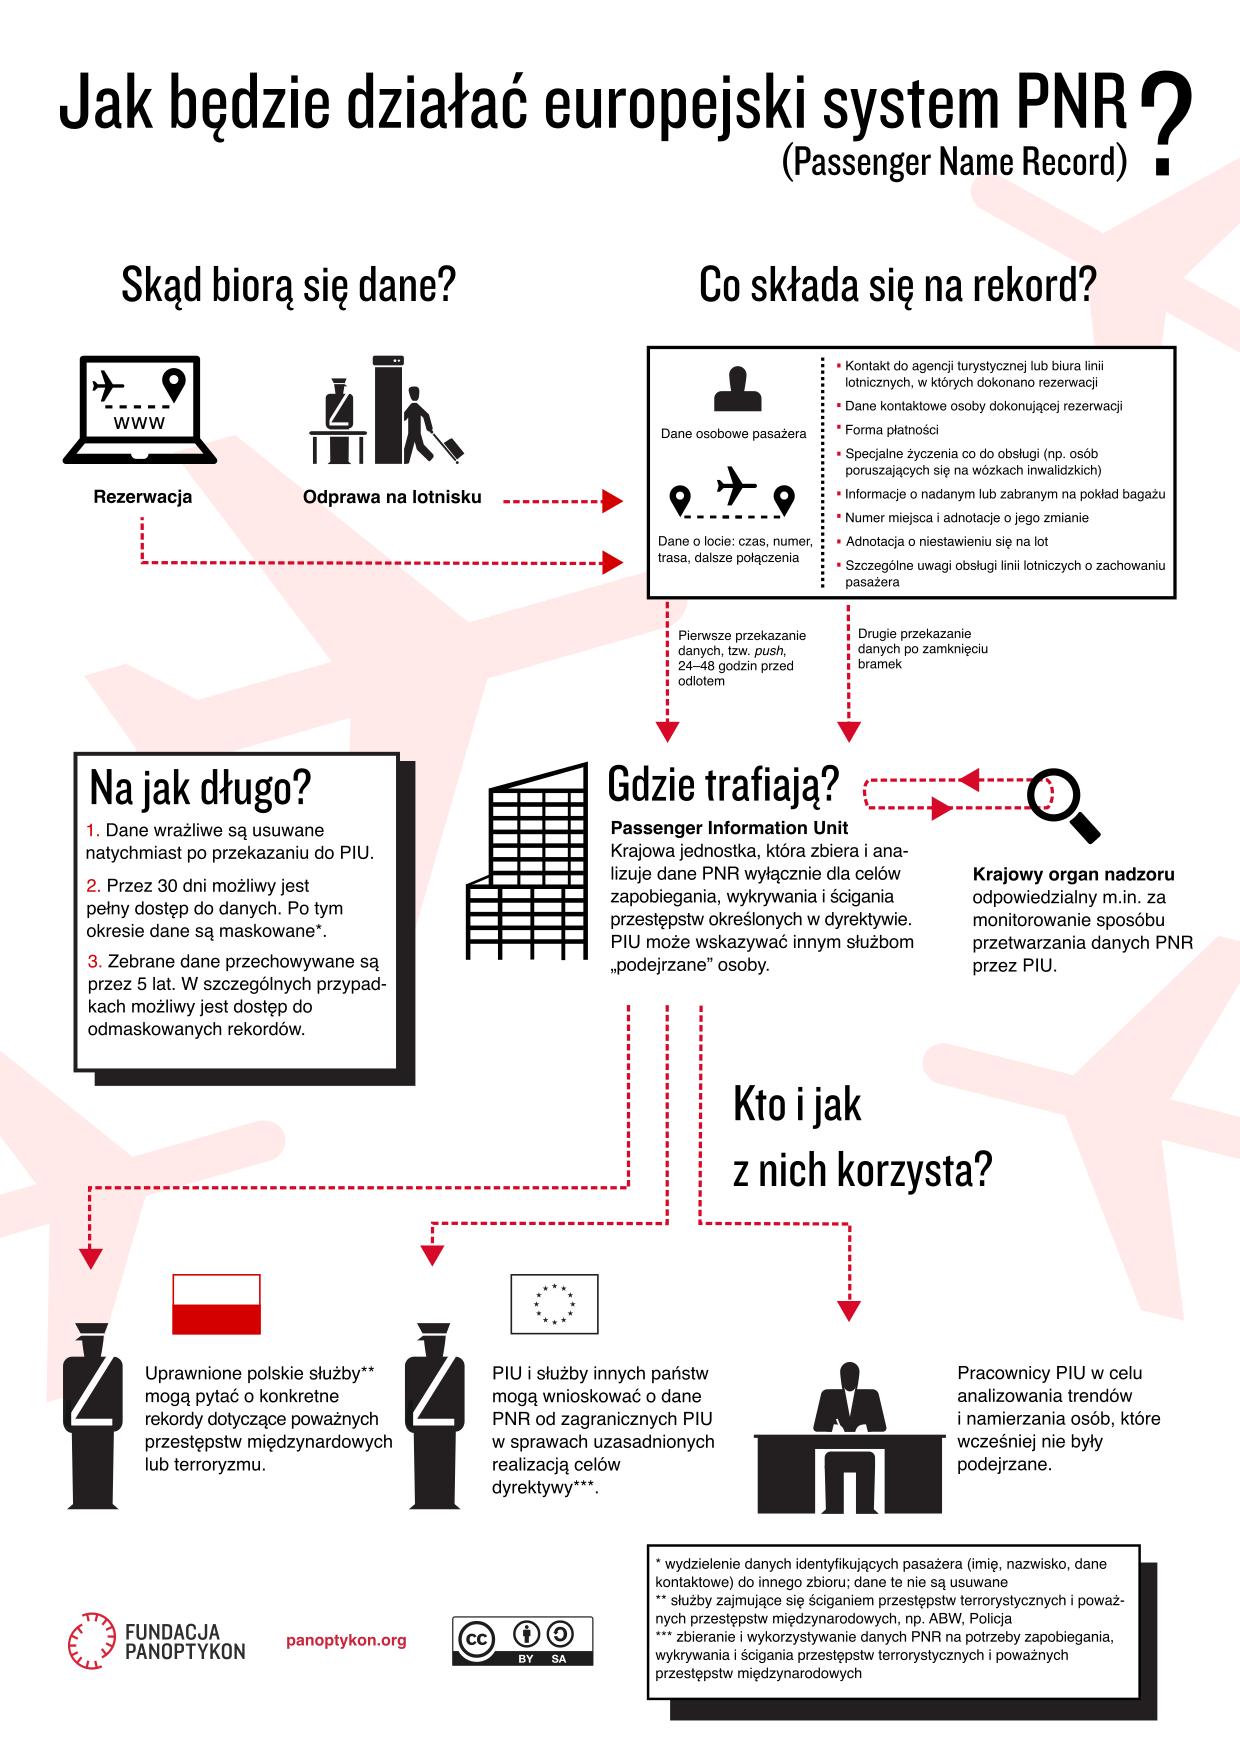 Infografika: jak będzie działać europejski system PNR?